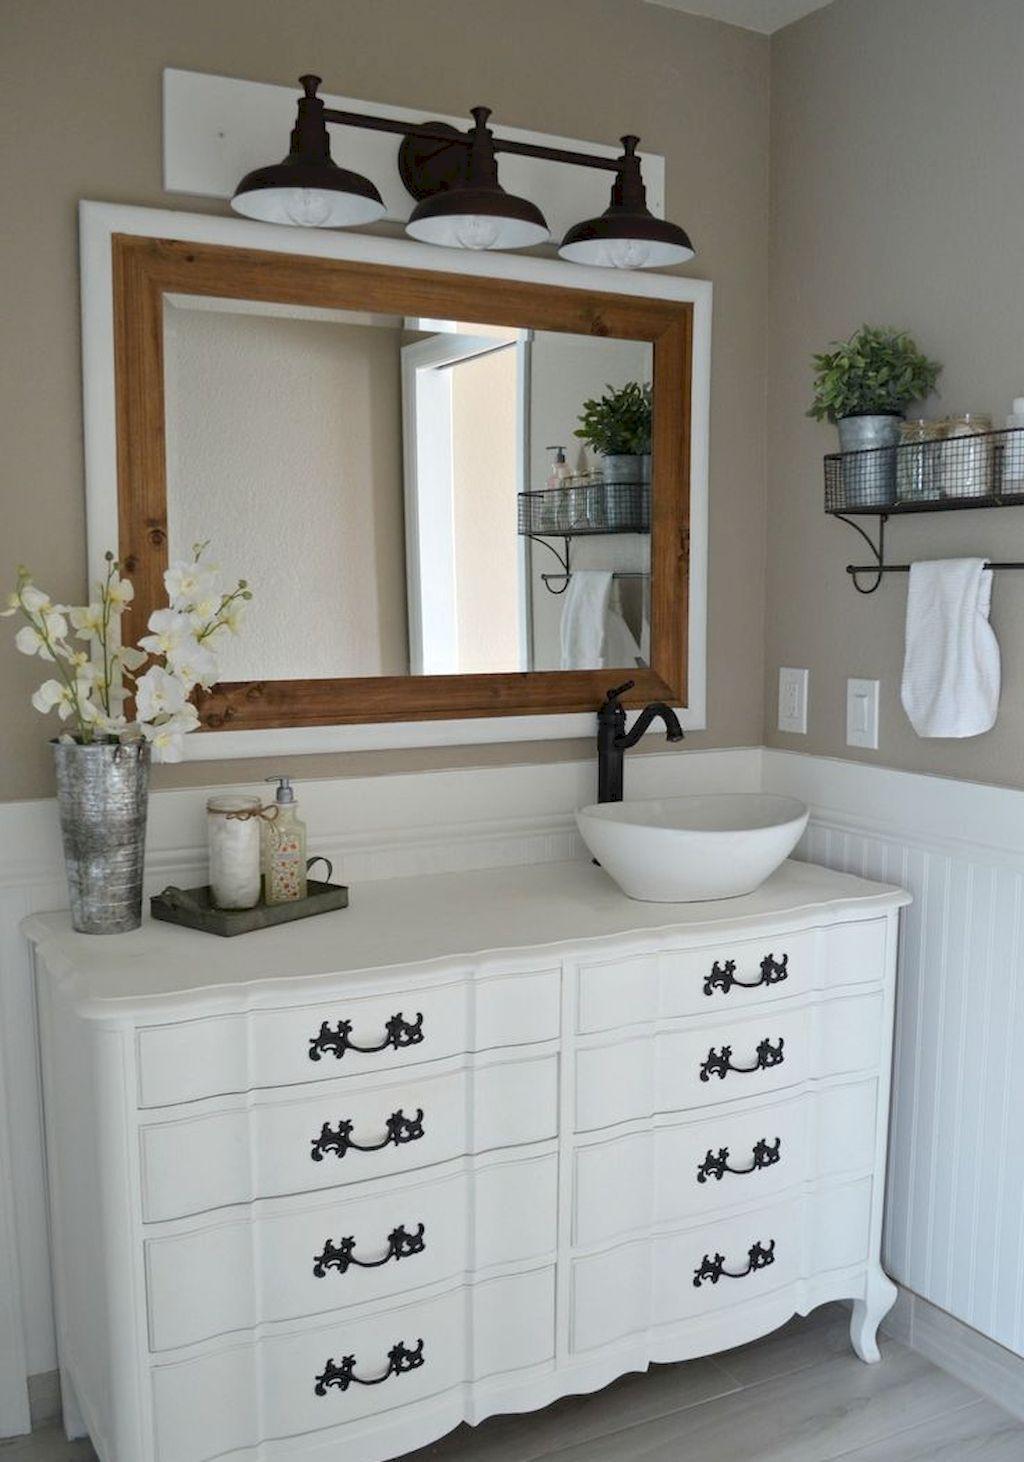 Repurposed dresser as bathroom vanity with offset vessel